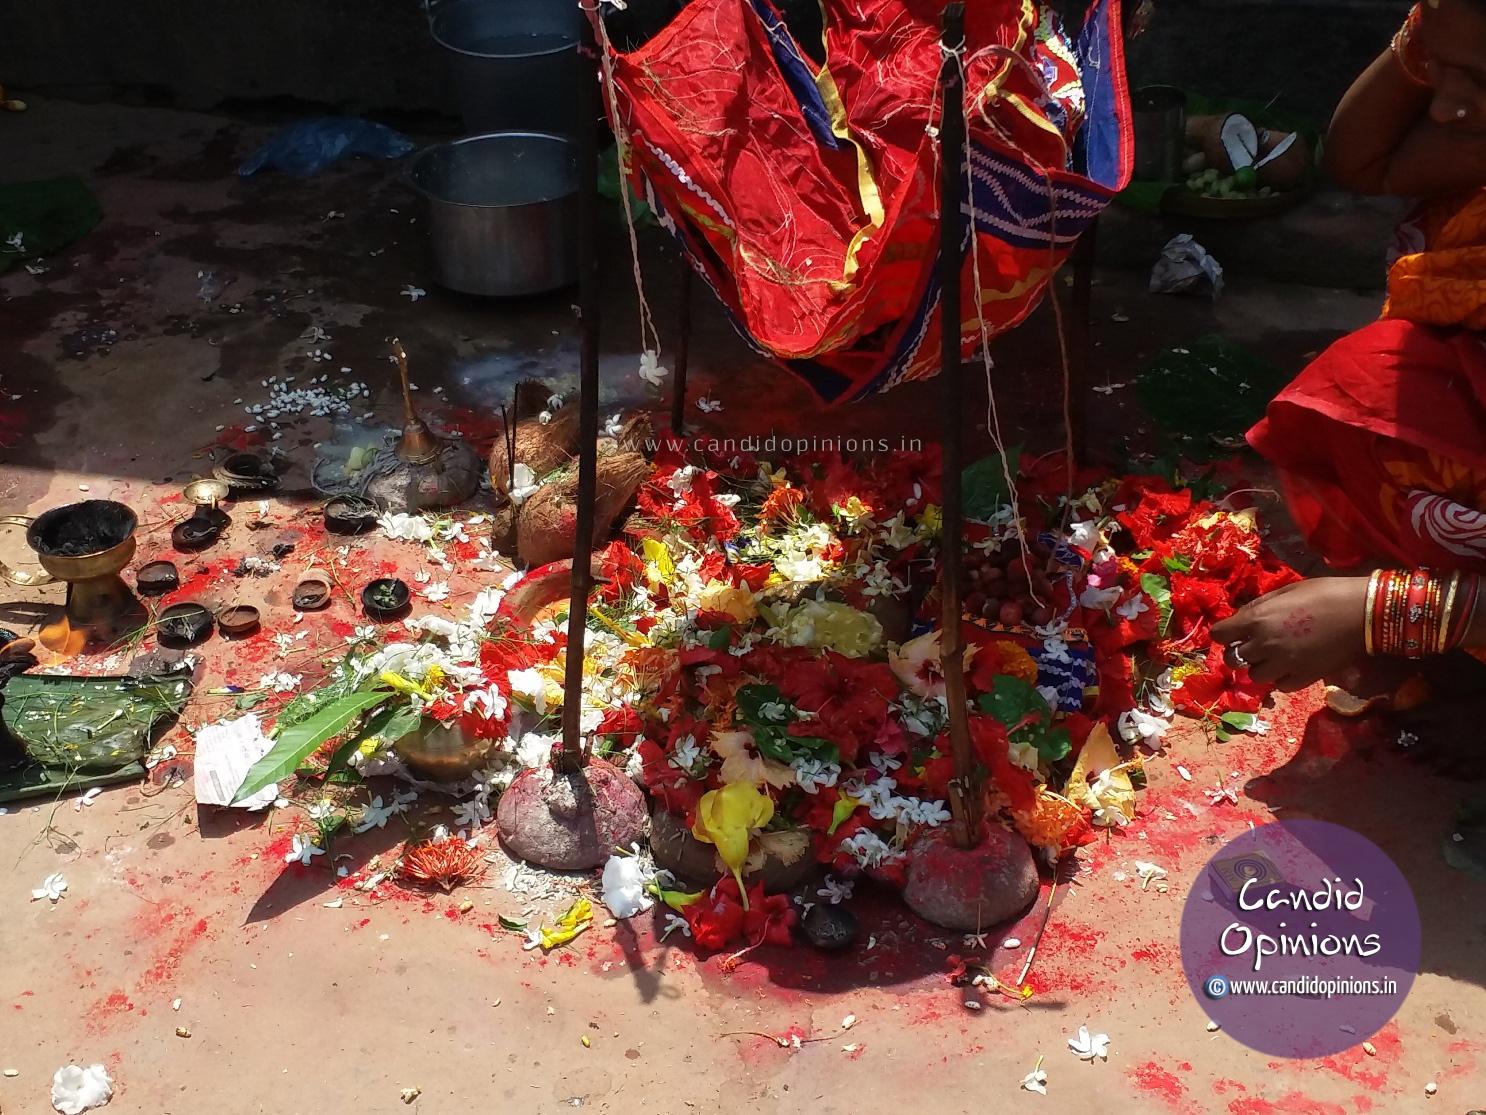 Chaitra Mangalabara Osha Panthei Puja